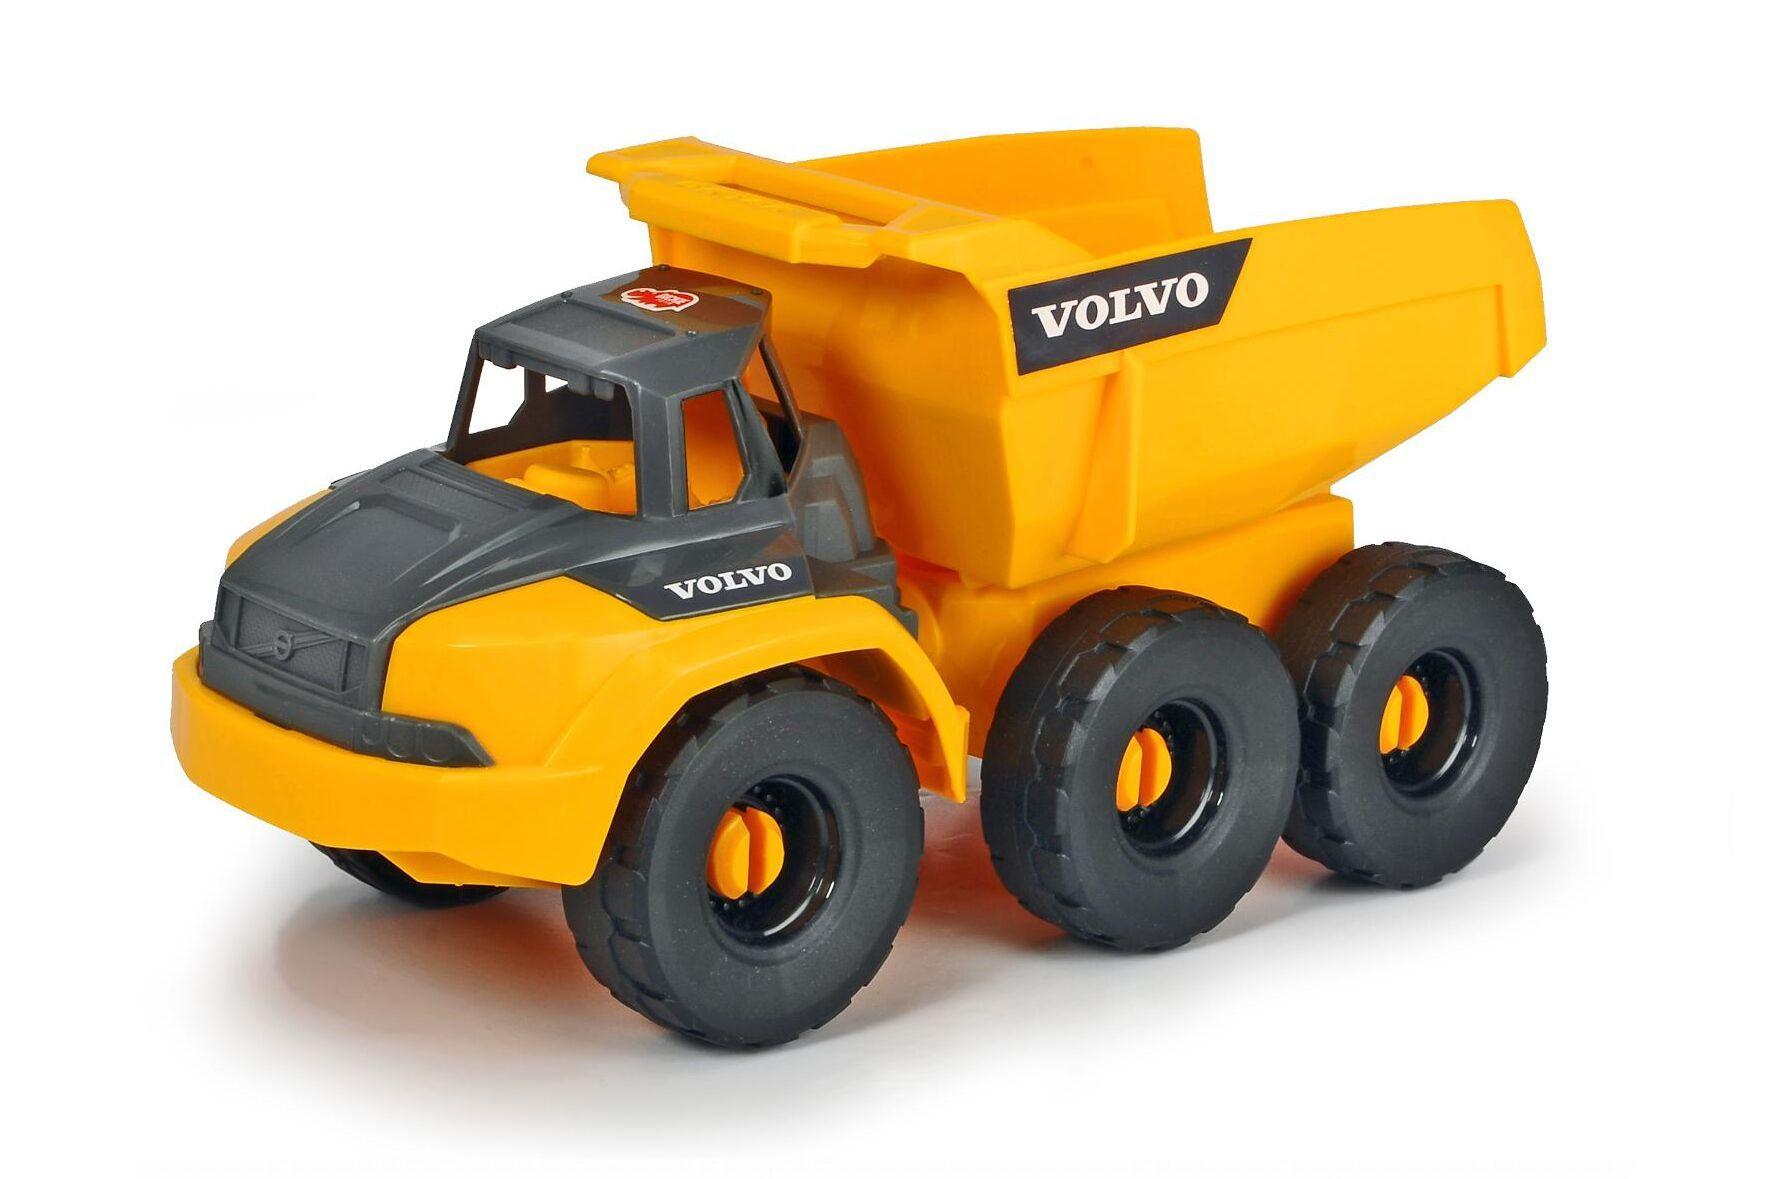 Garanterat fossilfri drivkälla är det på Volvo CE:s dumprar som leksakstillverkaren Dickie Toys producerat.